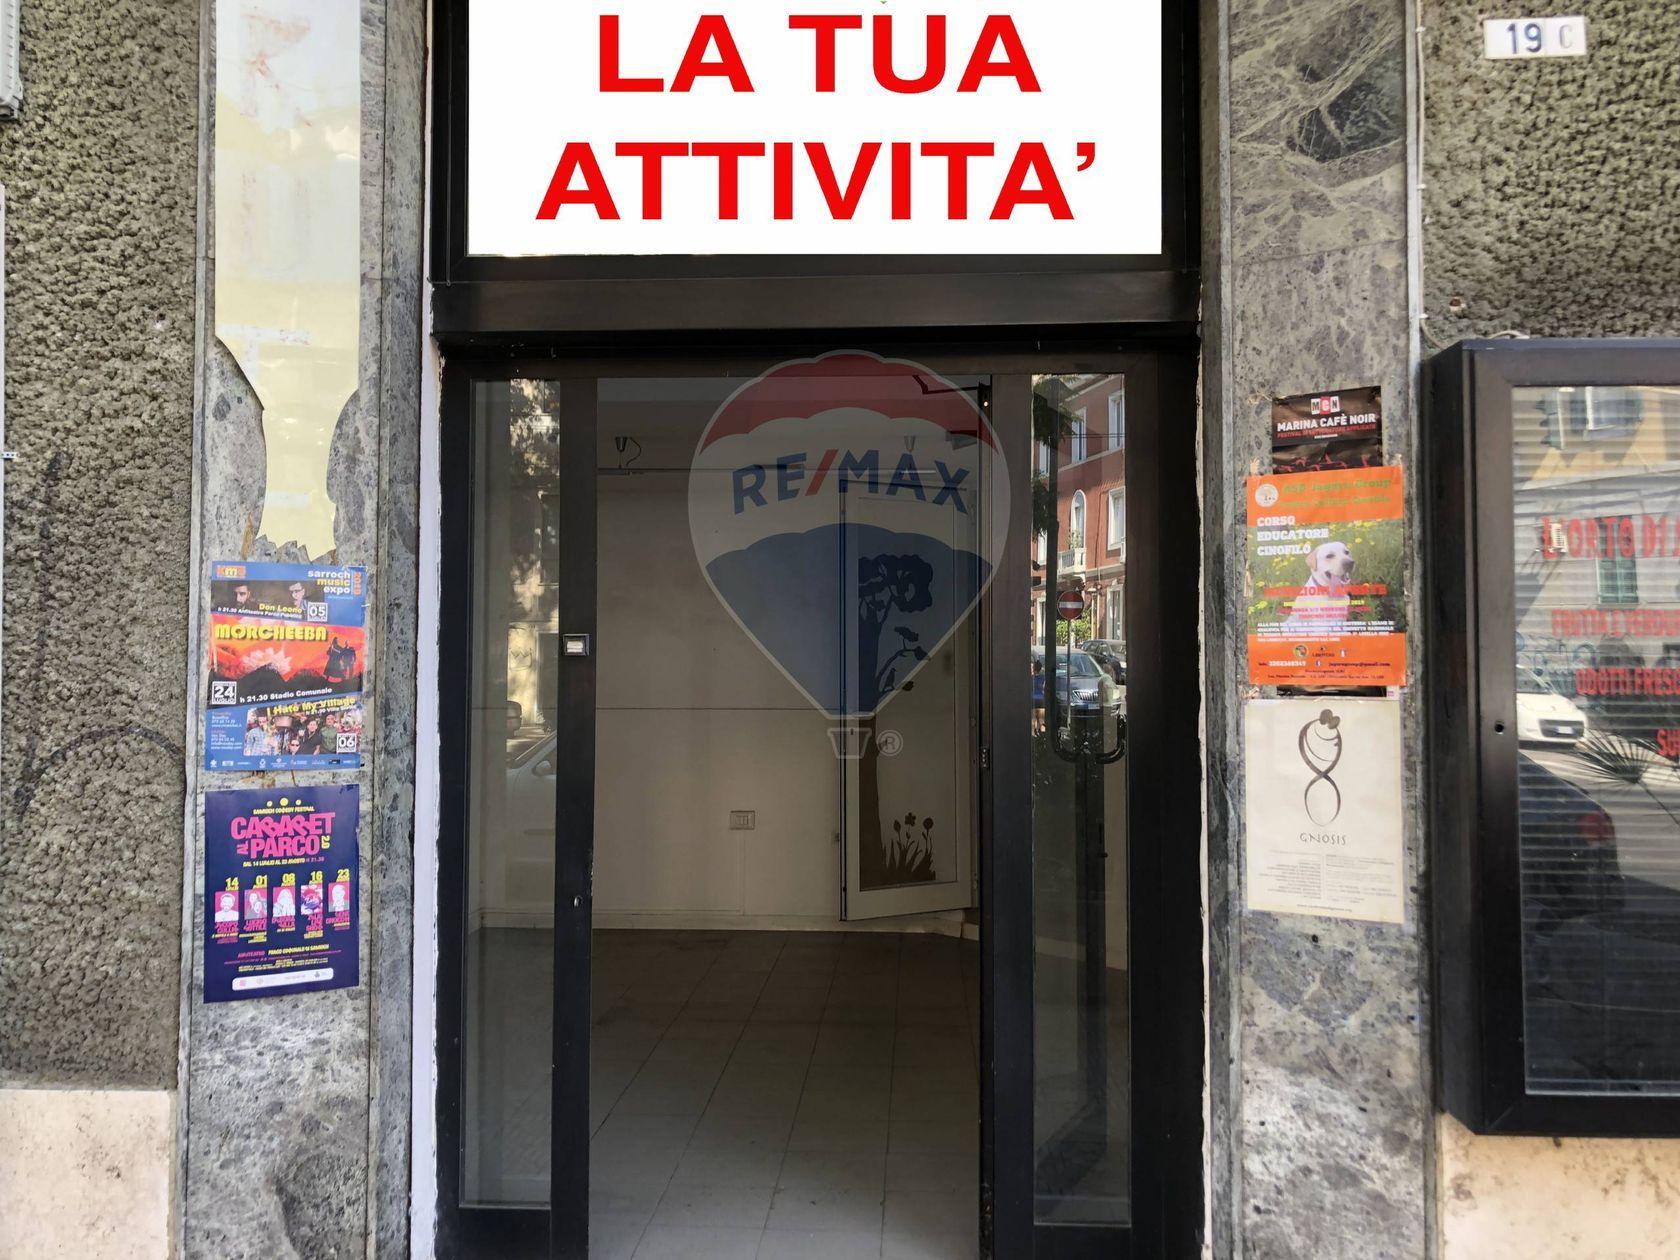 Locale Commerciale San Benedetto, Cagliari, CA Affitto